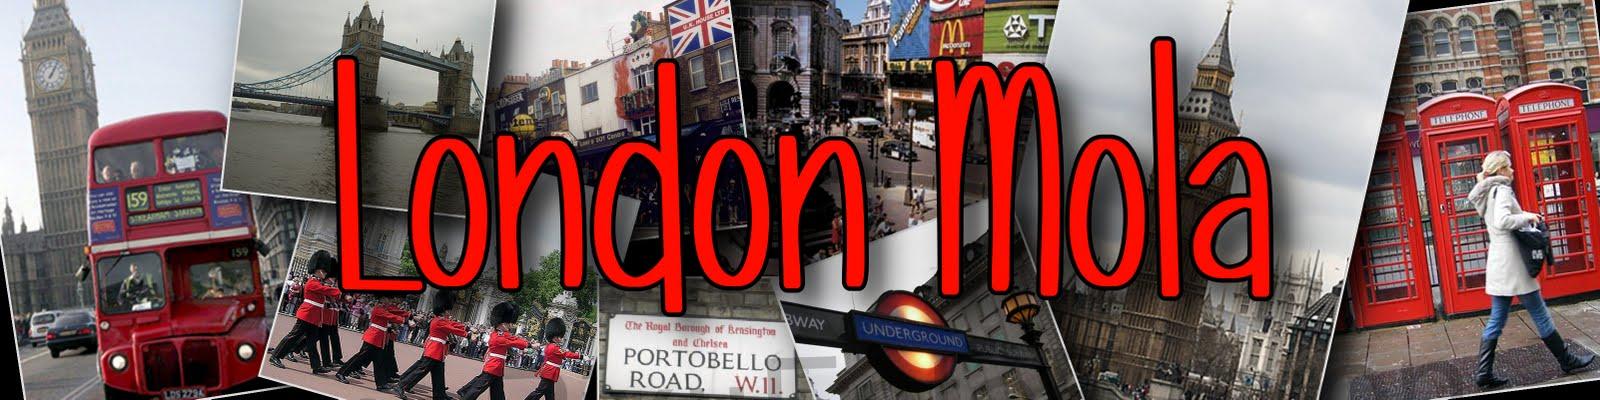 London Mola